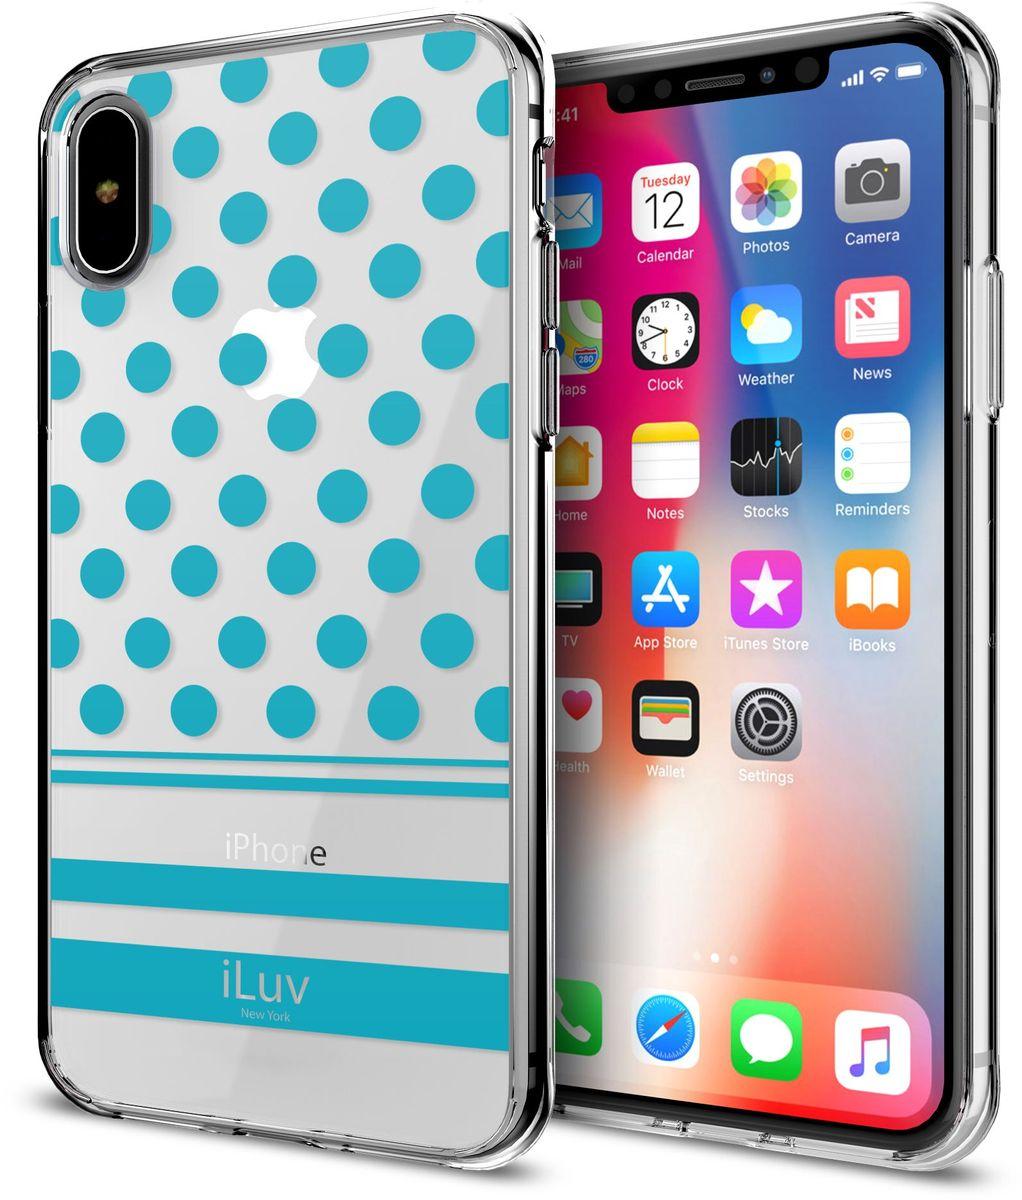 iLuv DotStyle чехол для iPhone X, BlueAIXDOTBLiLuv DotStyle - легкий и прочный клип-кейс, предназначенный для Apple iPhone X. Он обеспечивает смартфону надежную защиту от повреждений при ударах, толчках и падениях с небольшой высоты. Задняя панель выполнена из полупрозрачного поликарбоната, поэтому владелец и окружающие его люди могут по достоинству оценить элегантный дизайн мобильного устройства и рассмотреть на нем фирменный логотип Apple. Благодаря продуманной конструкции аксессуара можно пользоваться всеми разъемами и элементами управления смартфона, а также вести фото- и видеосъемку с помощью основной камеры.